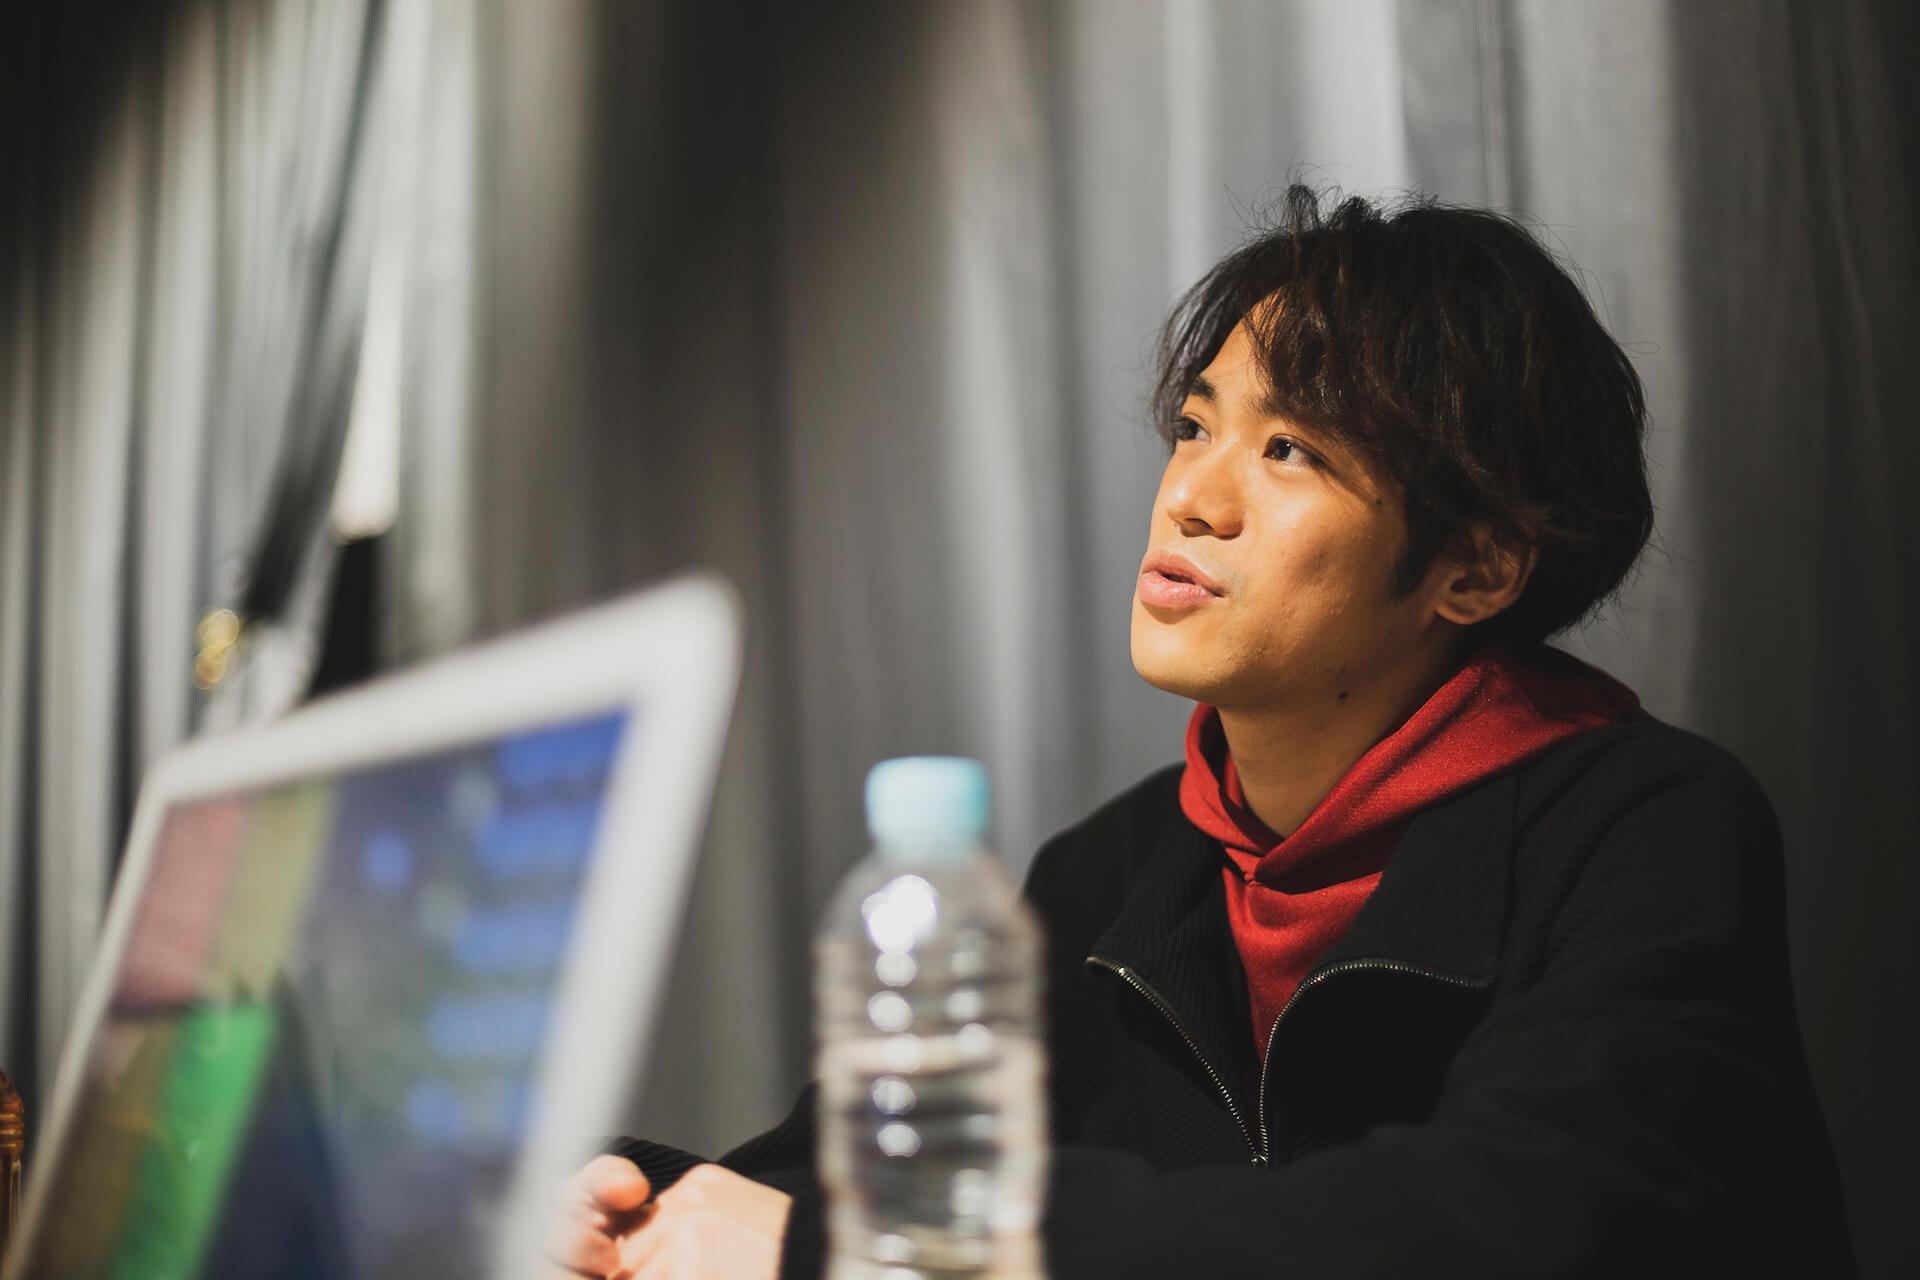 マイルス役・小野賢章が語る、憧れのスパイダーマンを演じて感じたマーベル熱 interview190218-spider-verse-ono-kensho-35